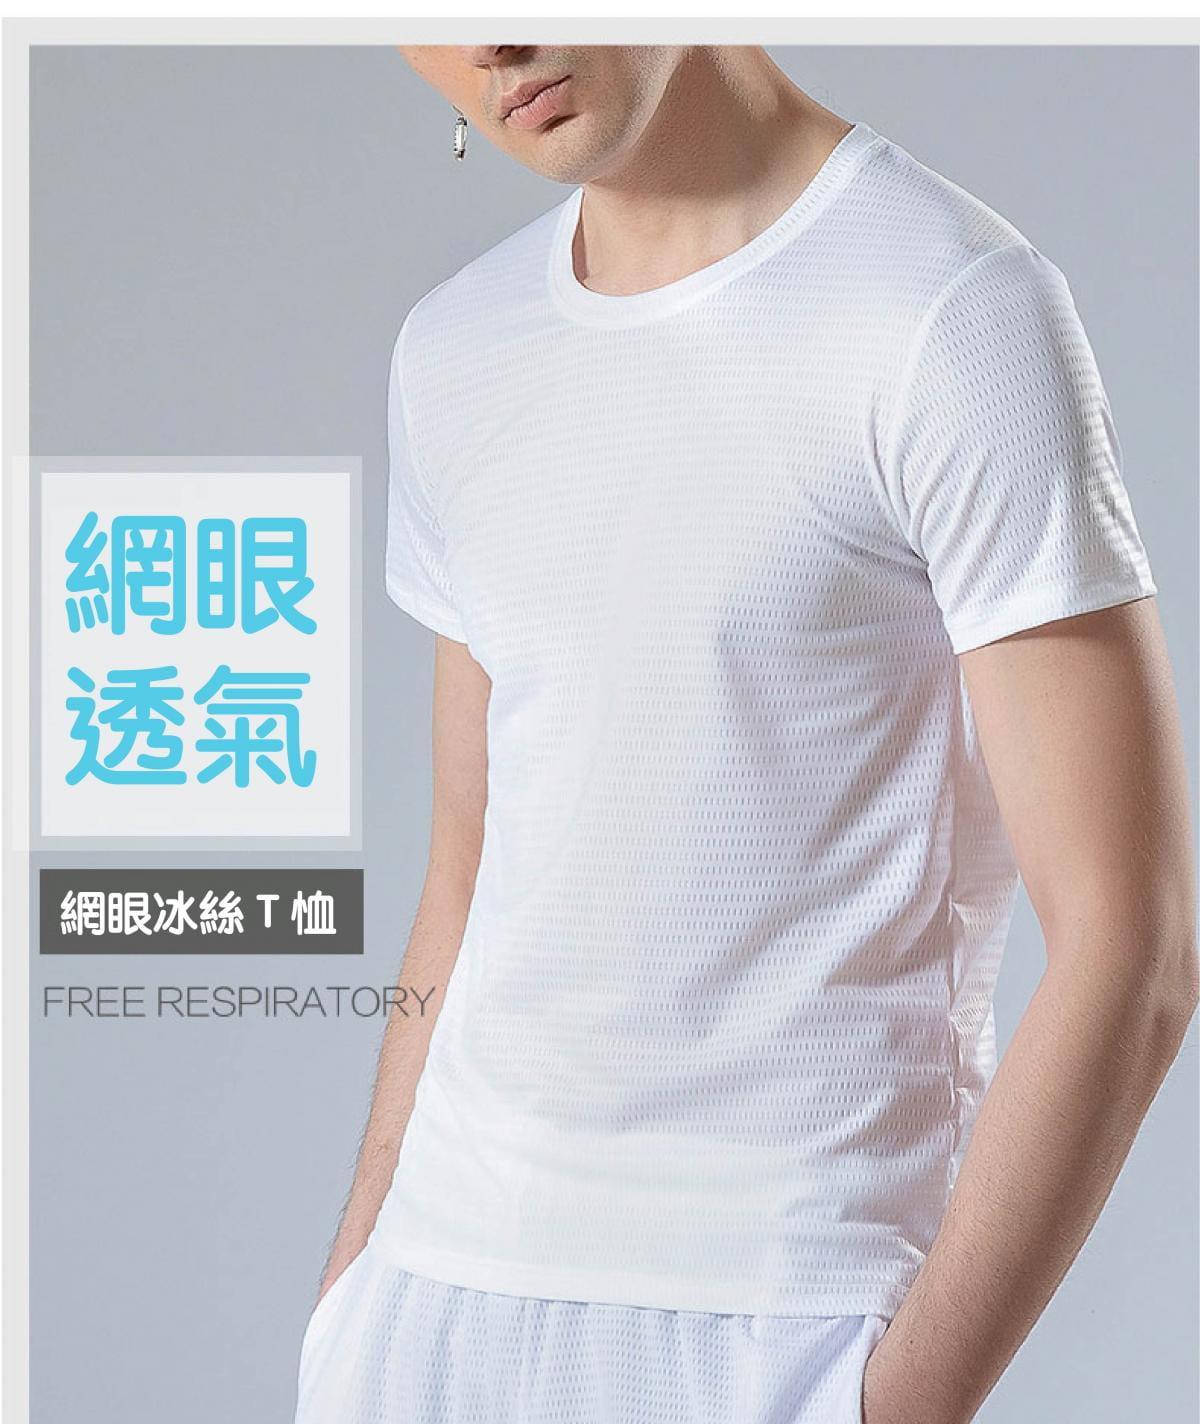 超薄涼透氣排汗速乾T恤 內搭外穿舒爽運動上衣 情侶款 網眼T恤 1